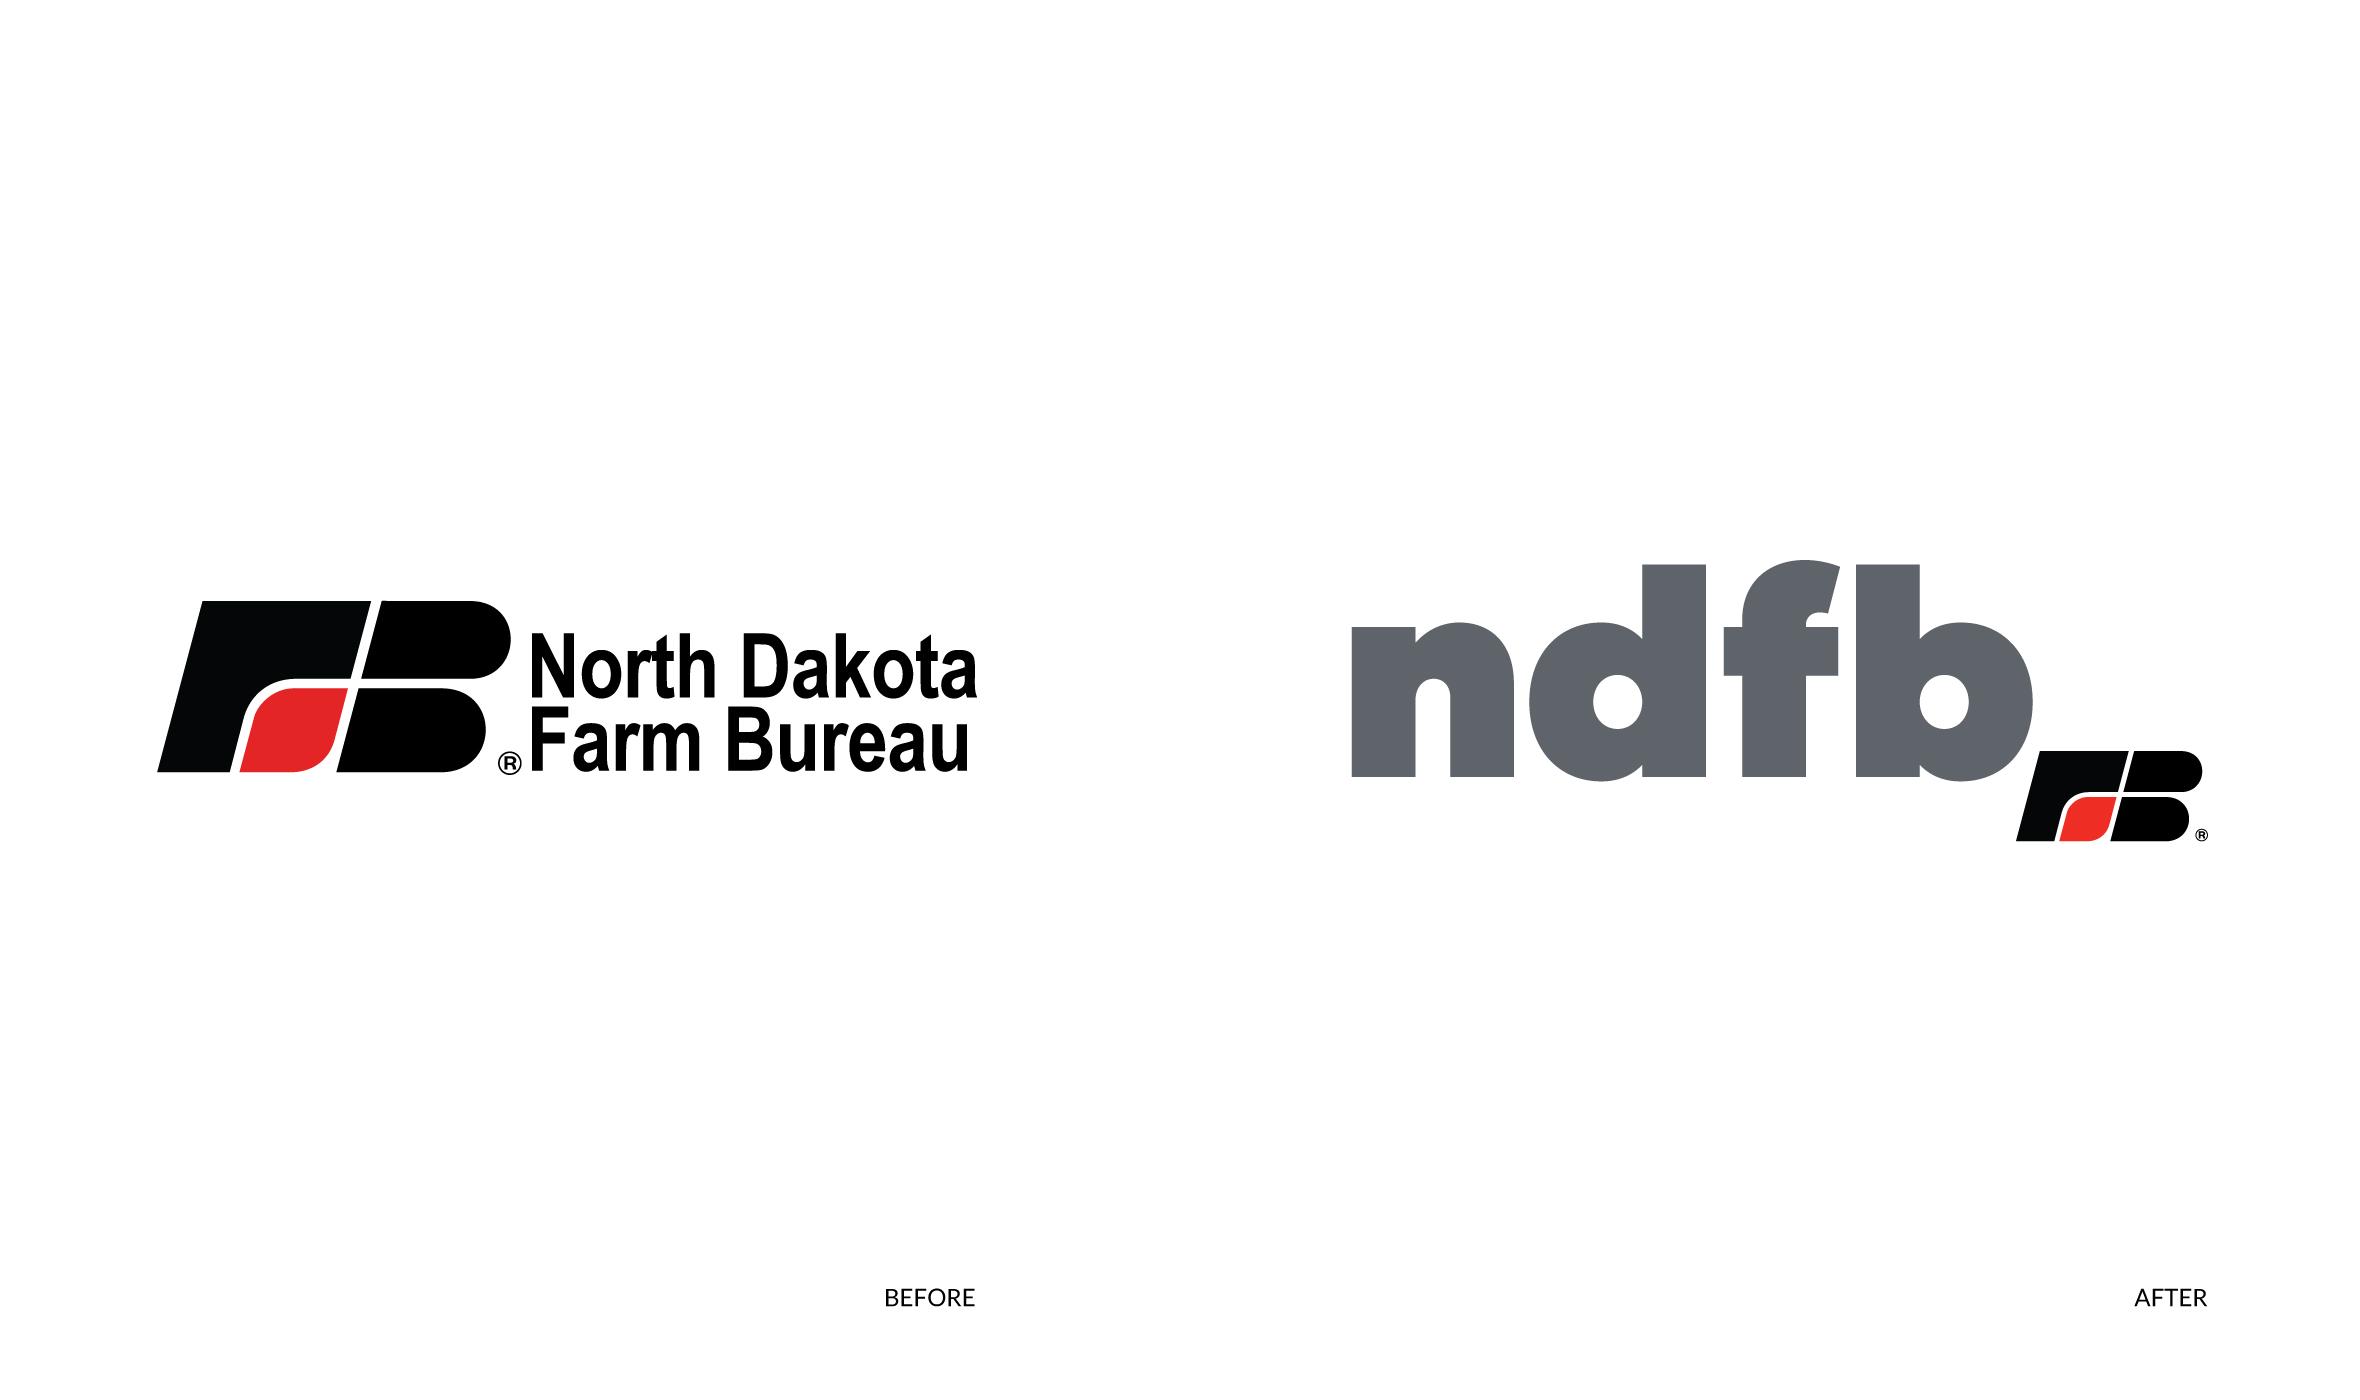 northdakotafarmbureau_logo